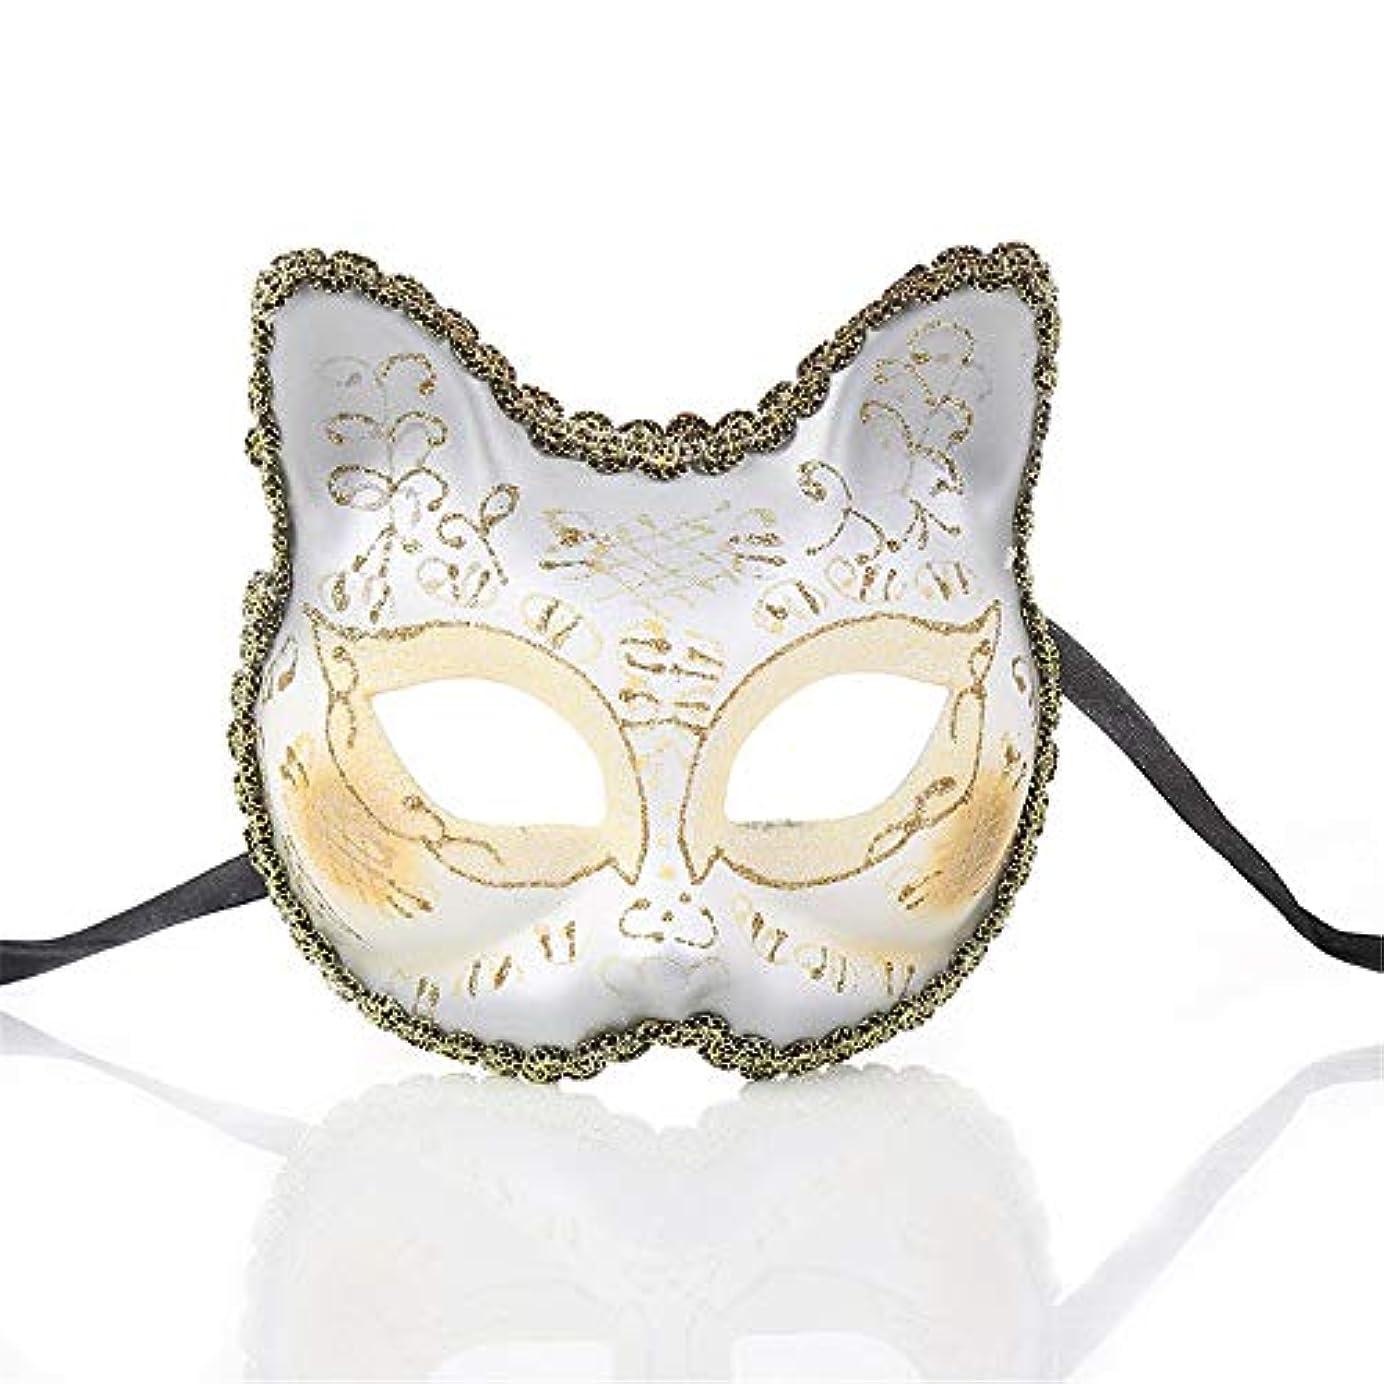 チャレンジ寛大なサンダルダンスマスク ワイルドマスカレードロールプレイングパーティーの小道具ナイトクラブのマスクの雰囲気クリスマスフェスティバルロールプレイングプラスチックマスク ホリデーパーティー用品 (色 : 白, サイズ : 13x13cm)